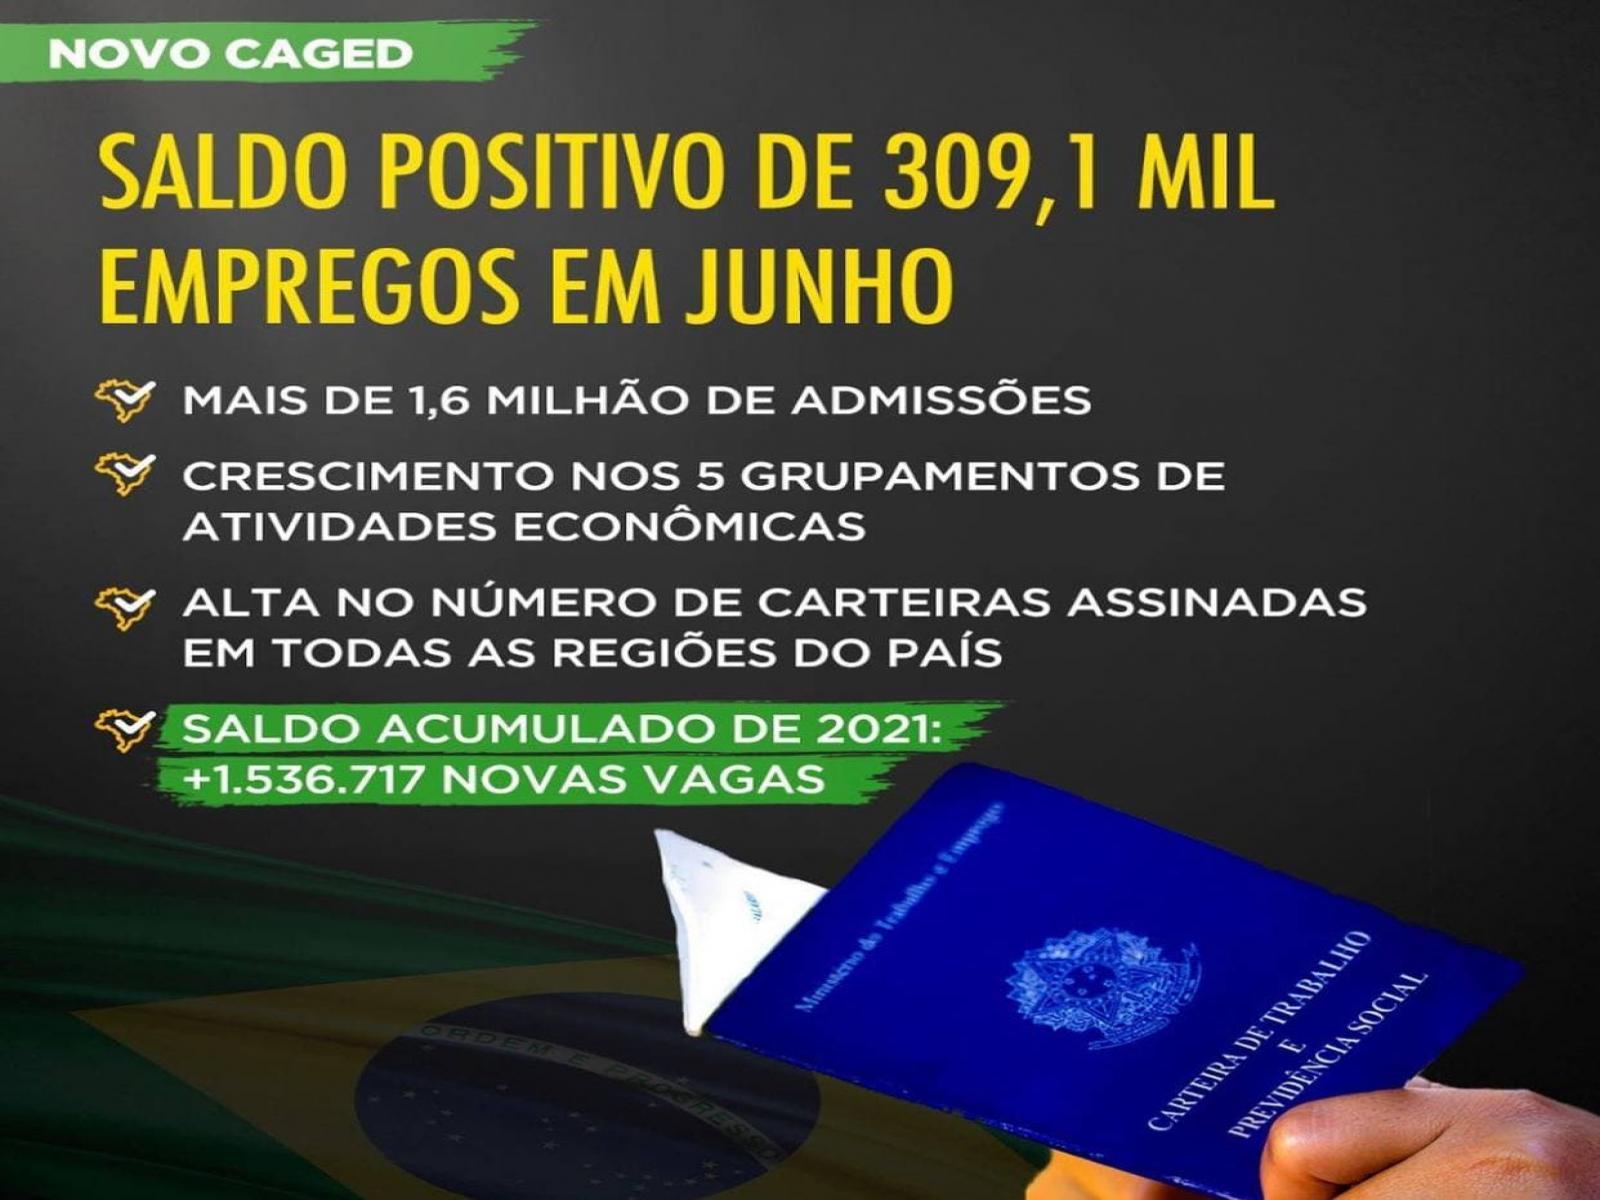 Brasil registra aumento no número de pessoas com carteiras assinadas